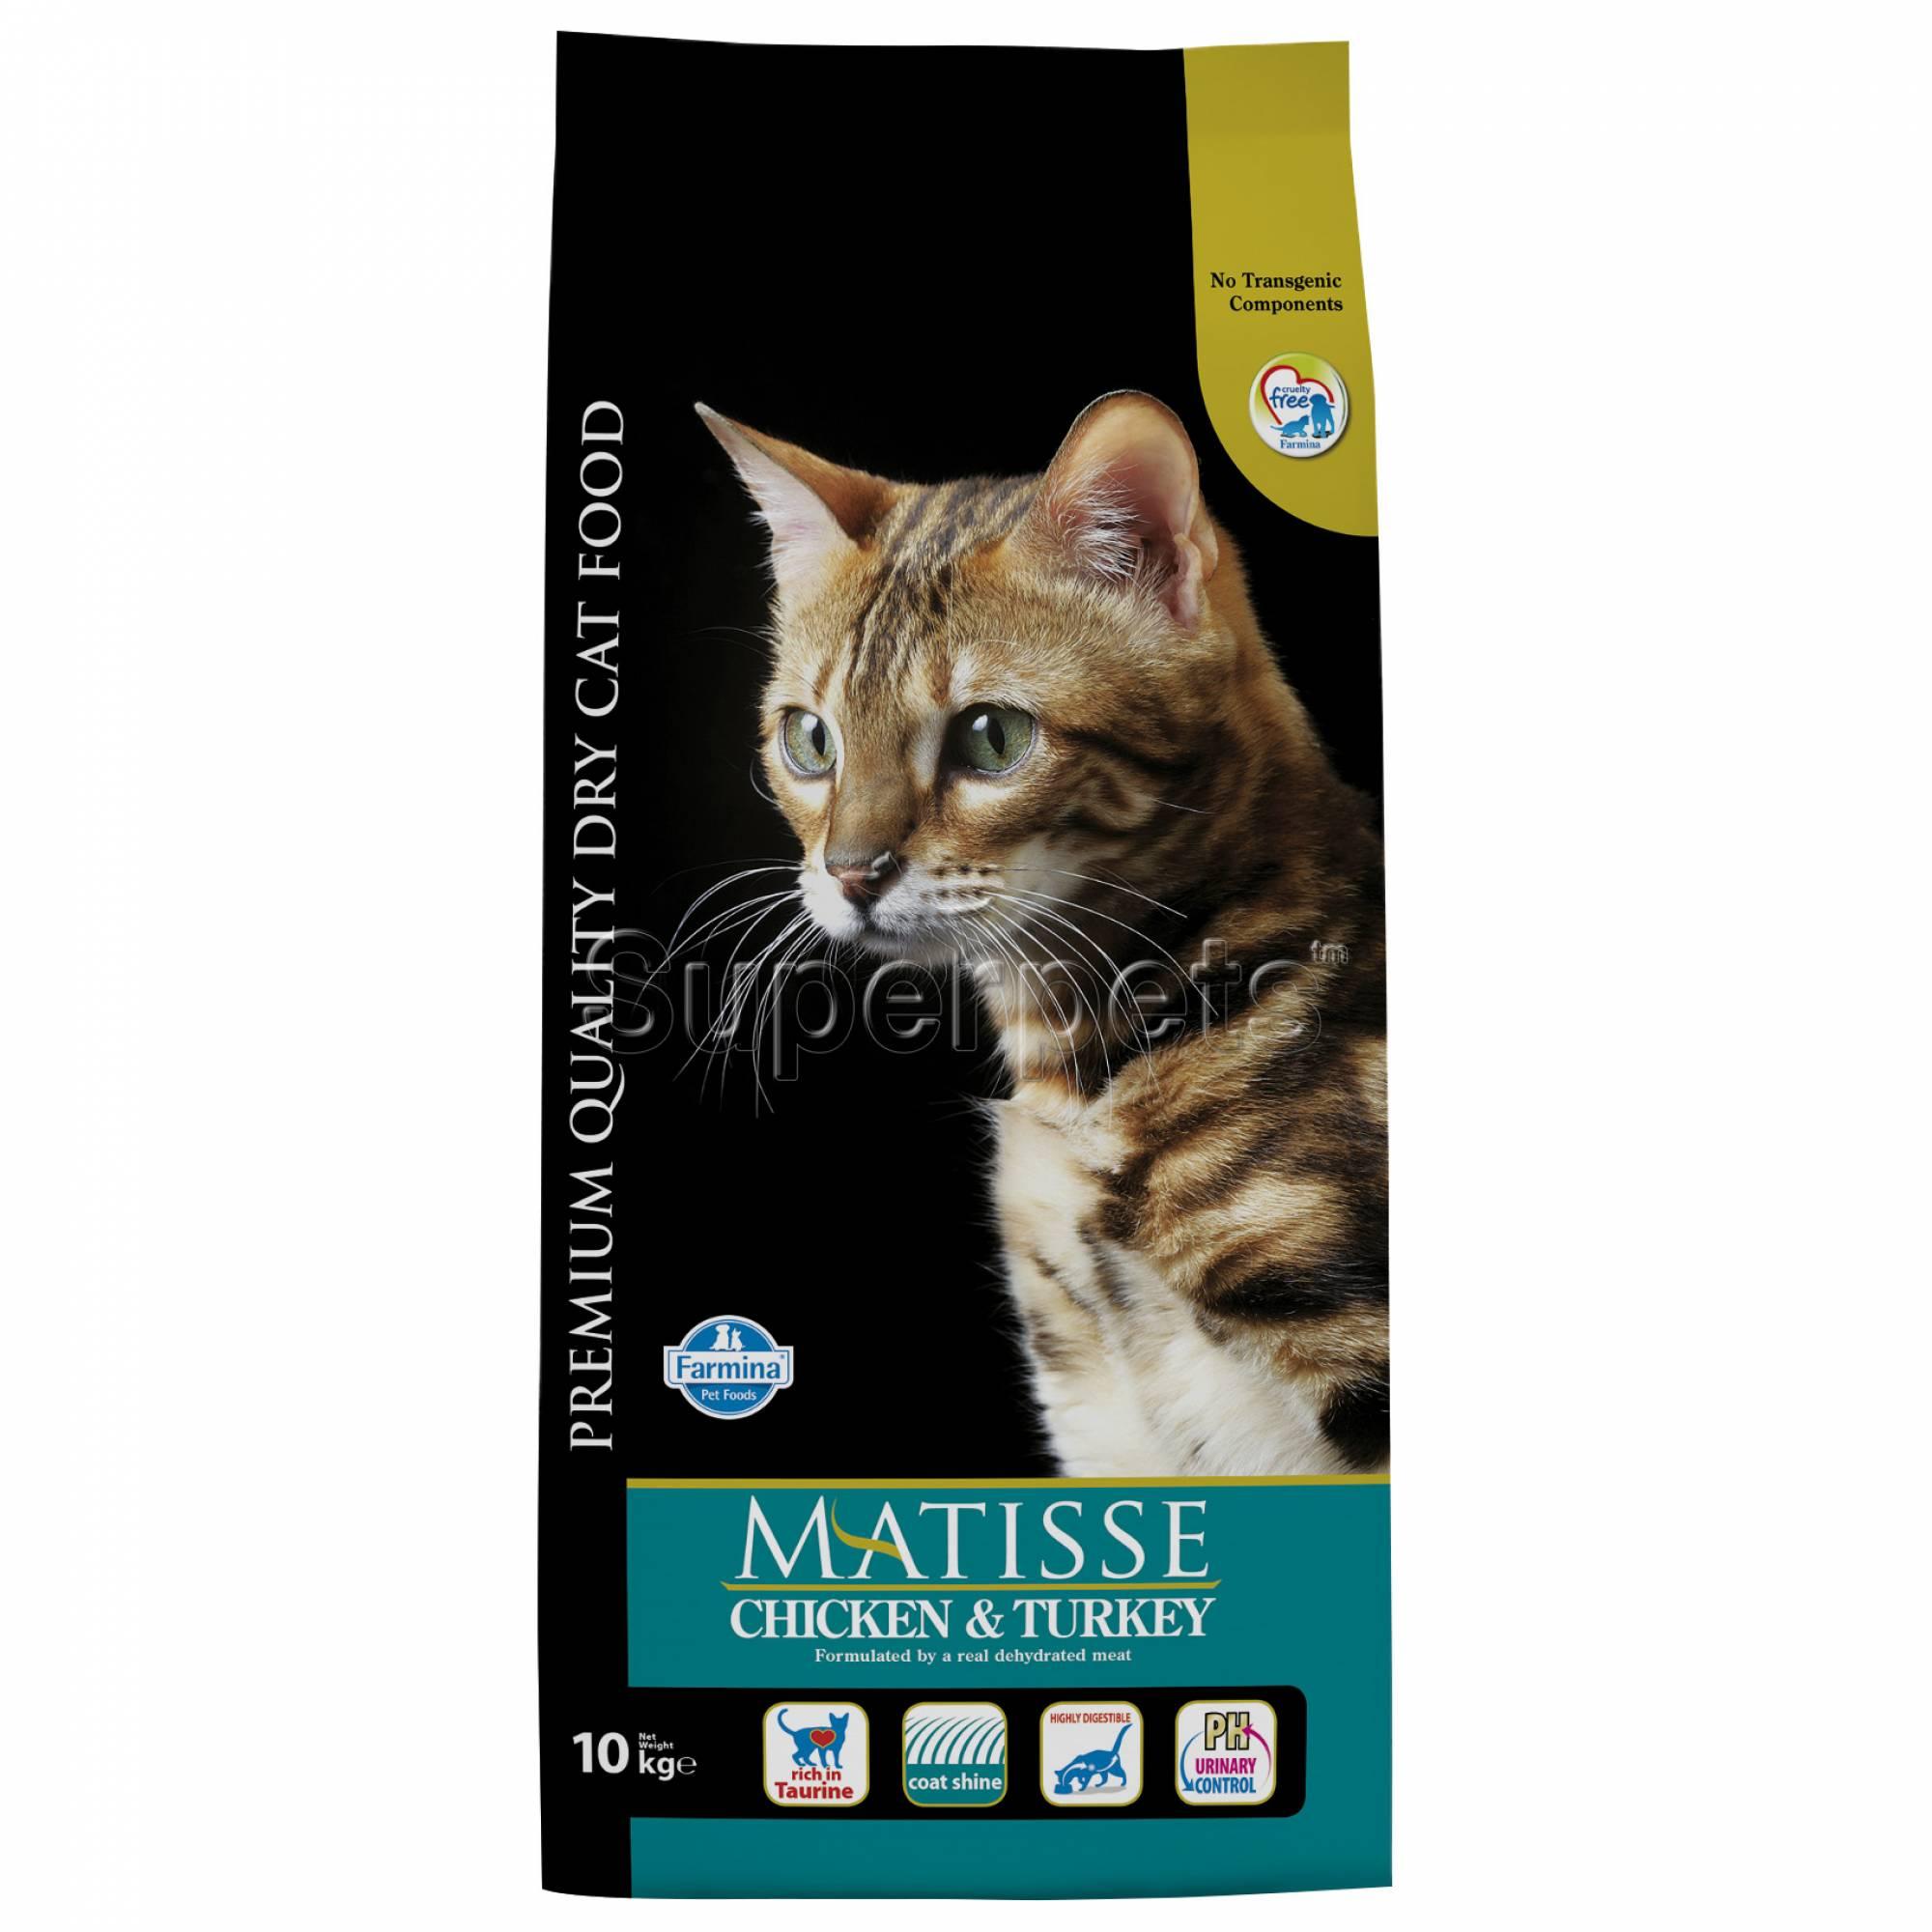 Matisse - Feline Adult - Chicken & Turkey 10kg